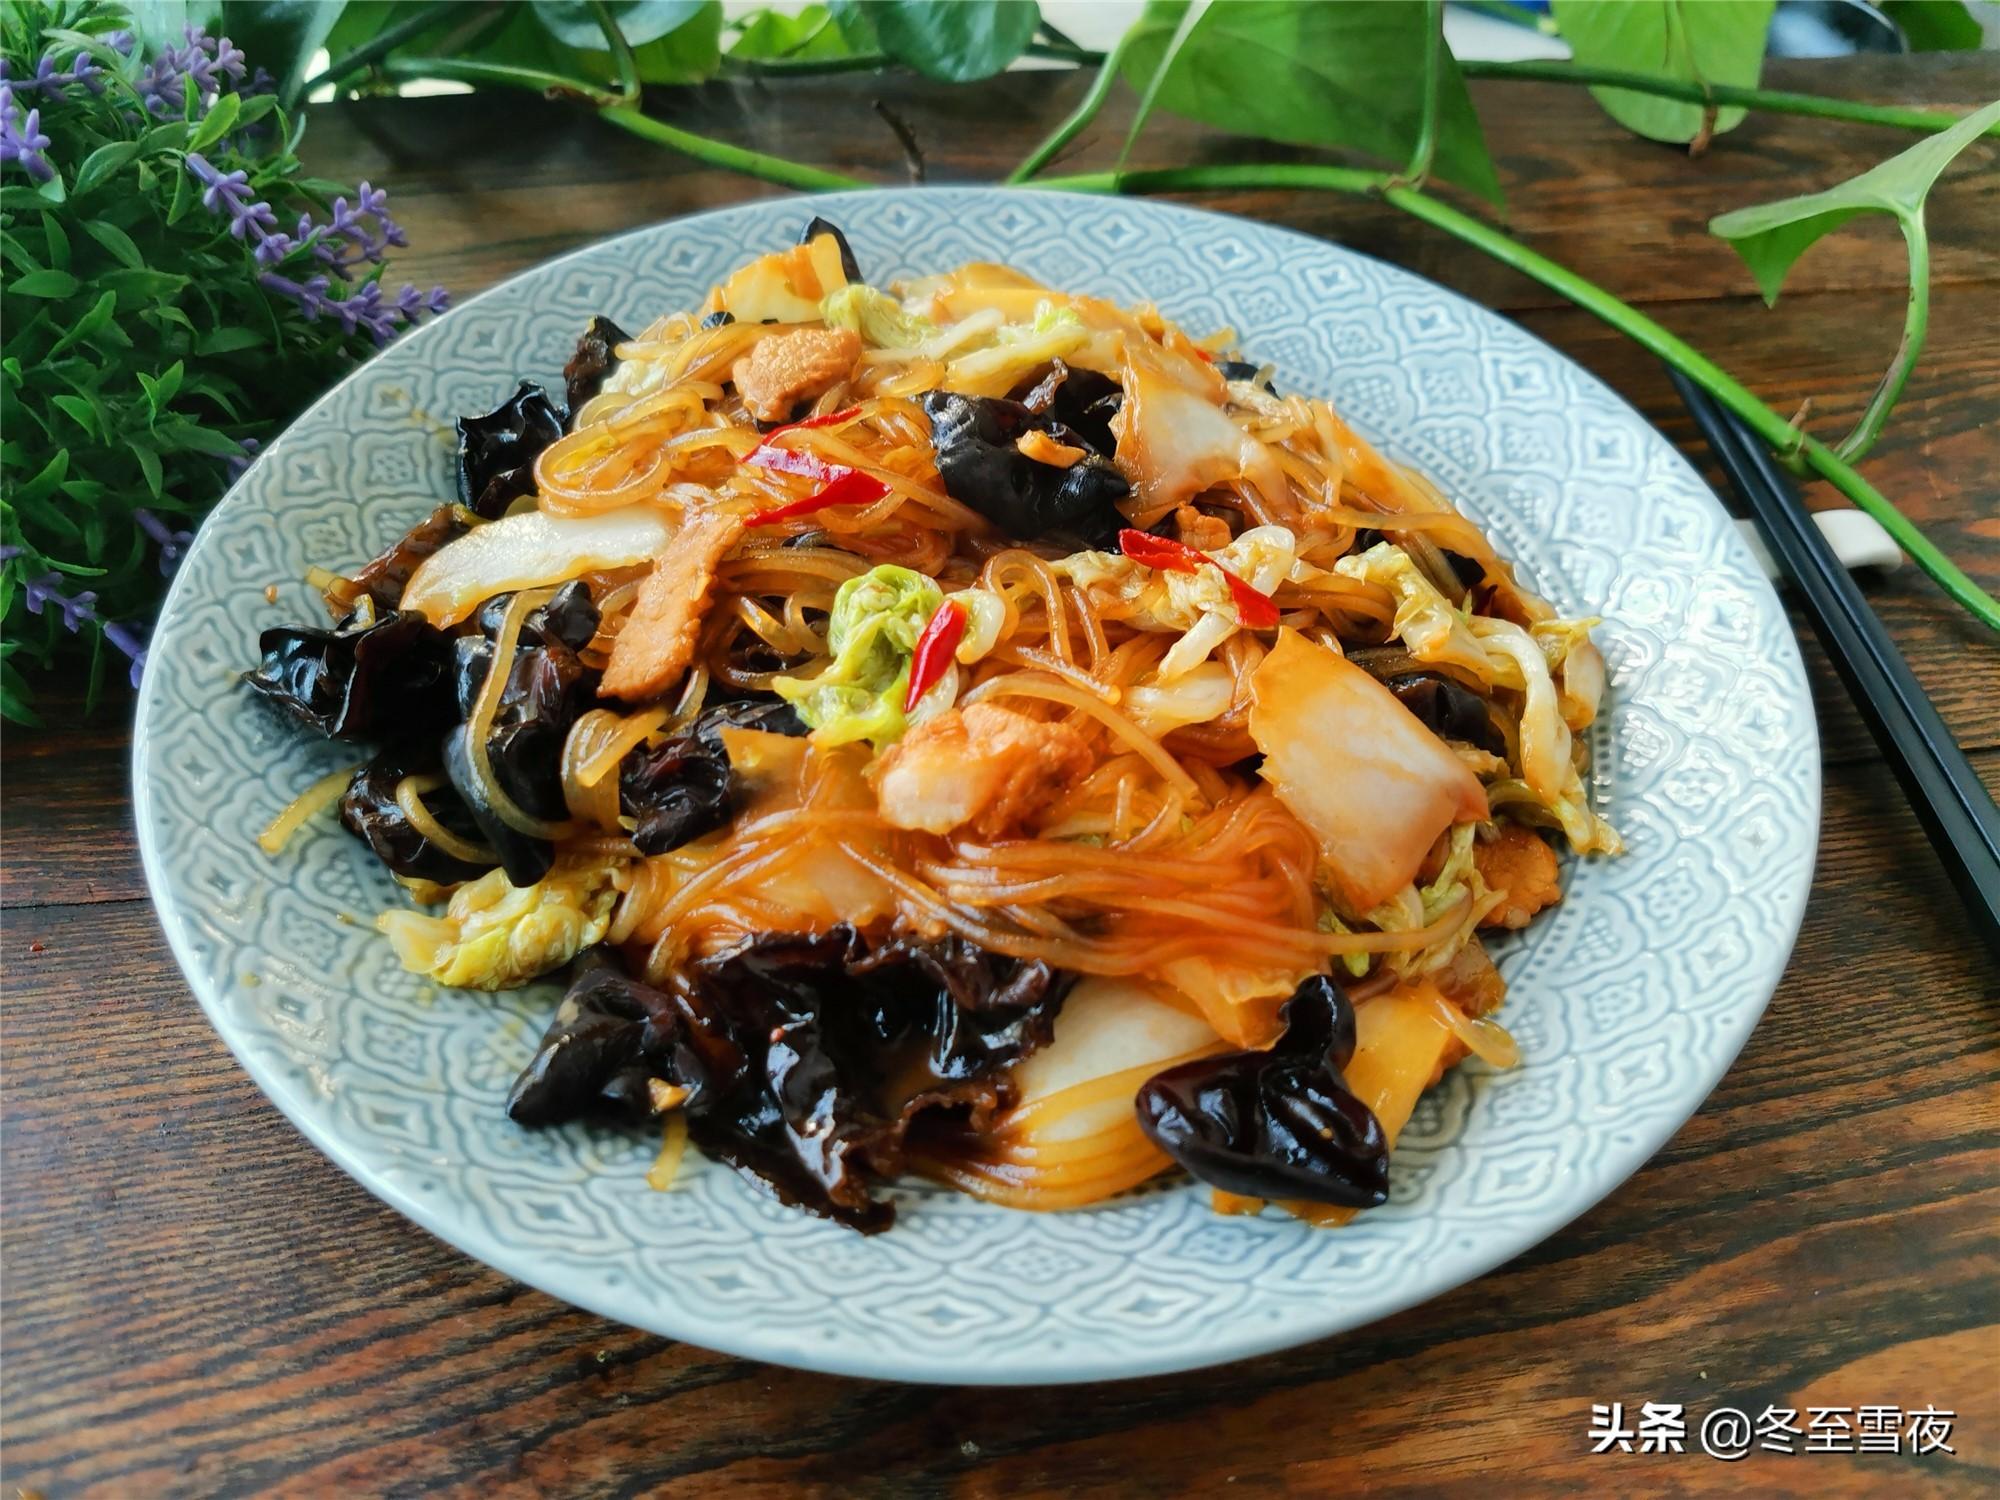 冬季,东北人最稀罕吃的14道家常菜,都是东北味儿,家常又好吃 东北菜谱 第10张